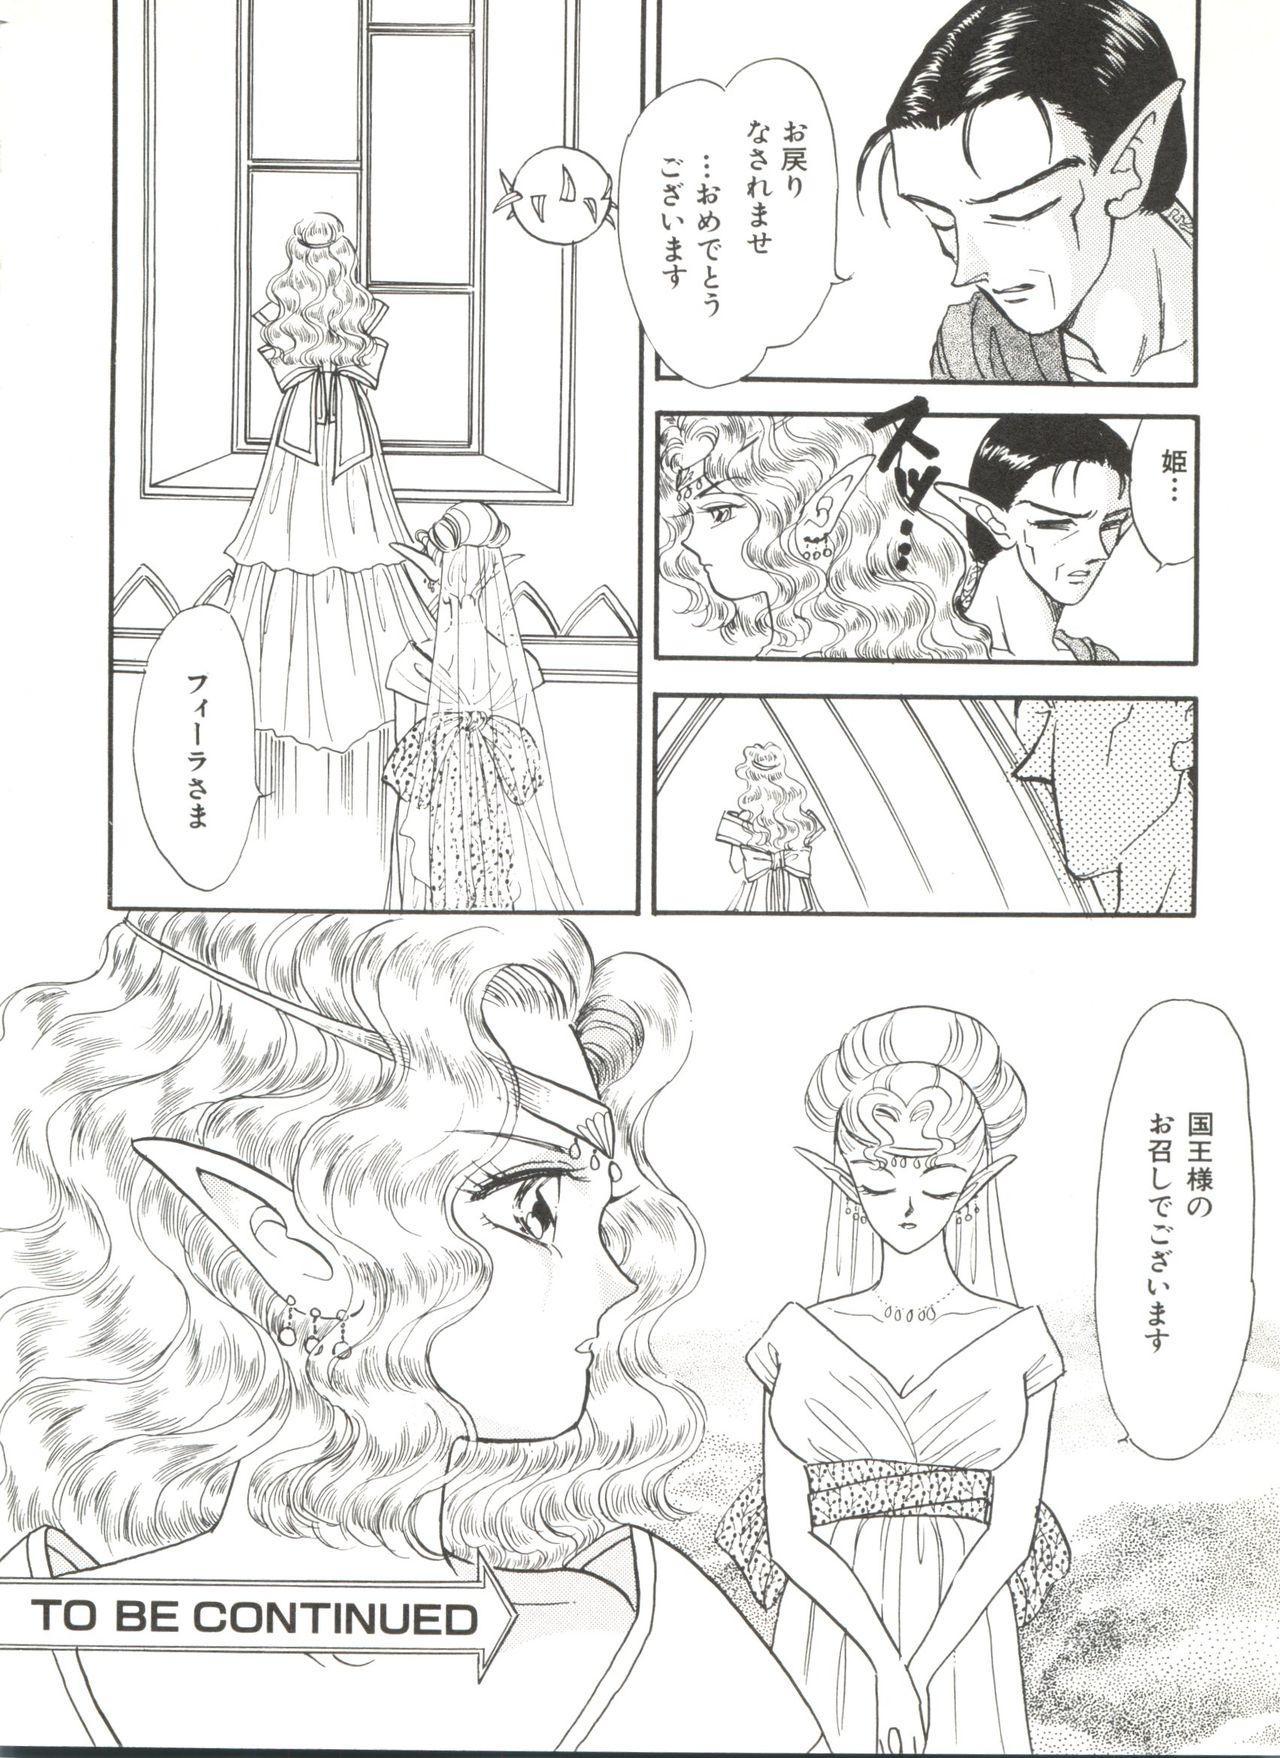 Bishoujo Doujinshi Anthology 6 129